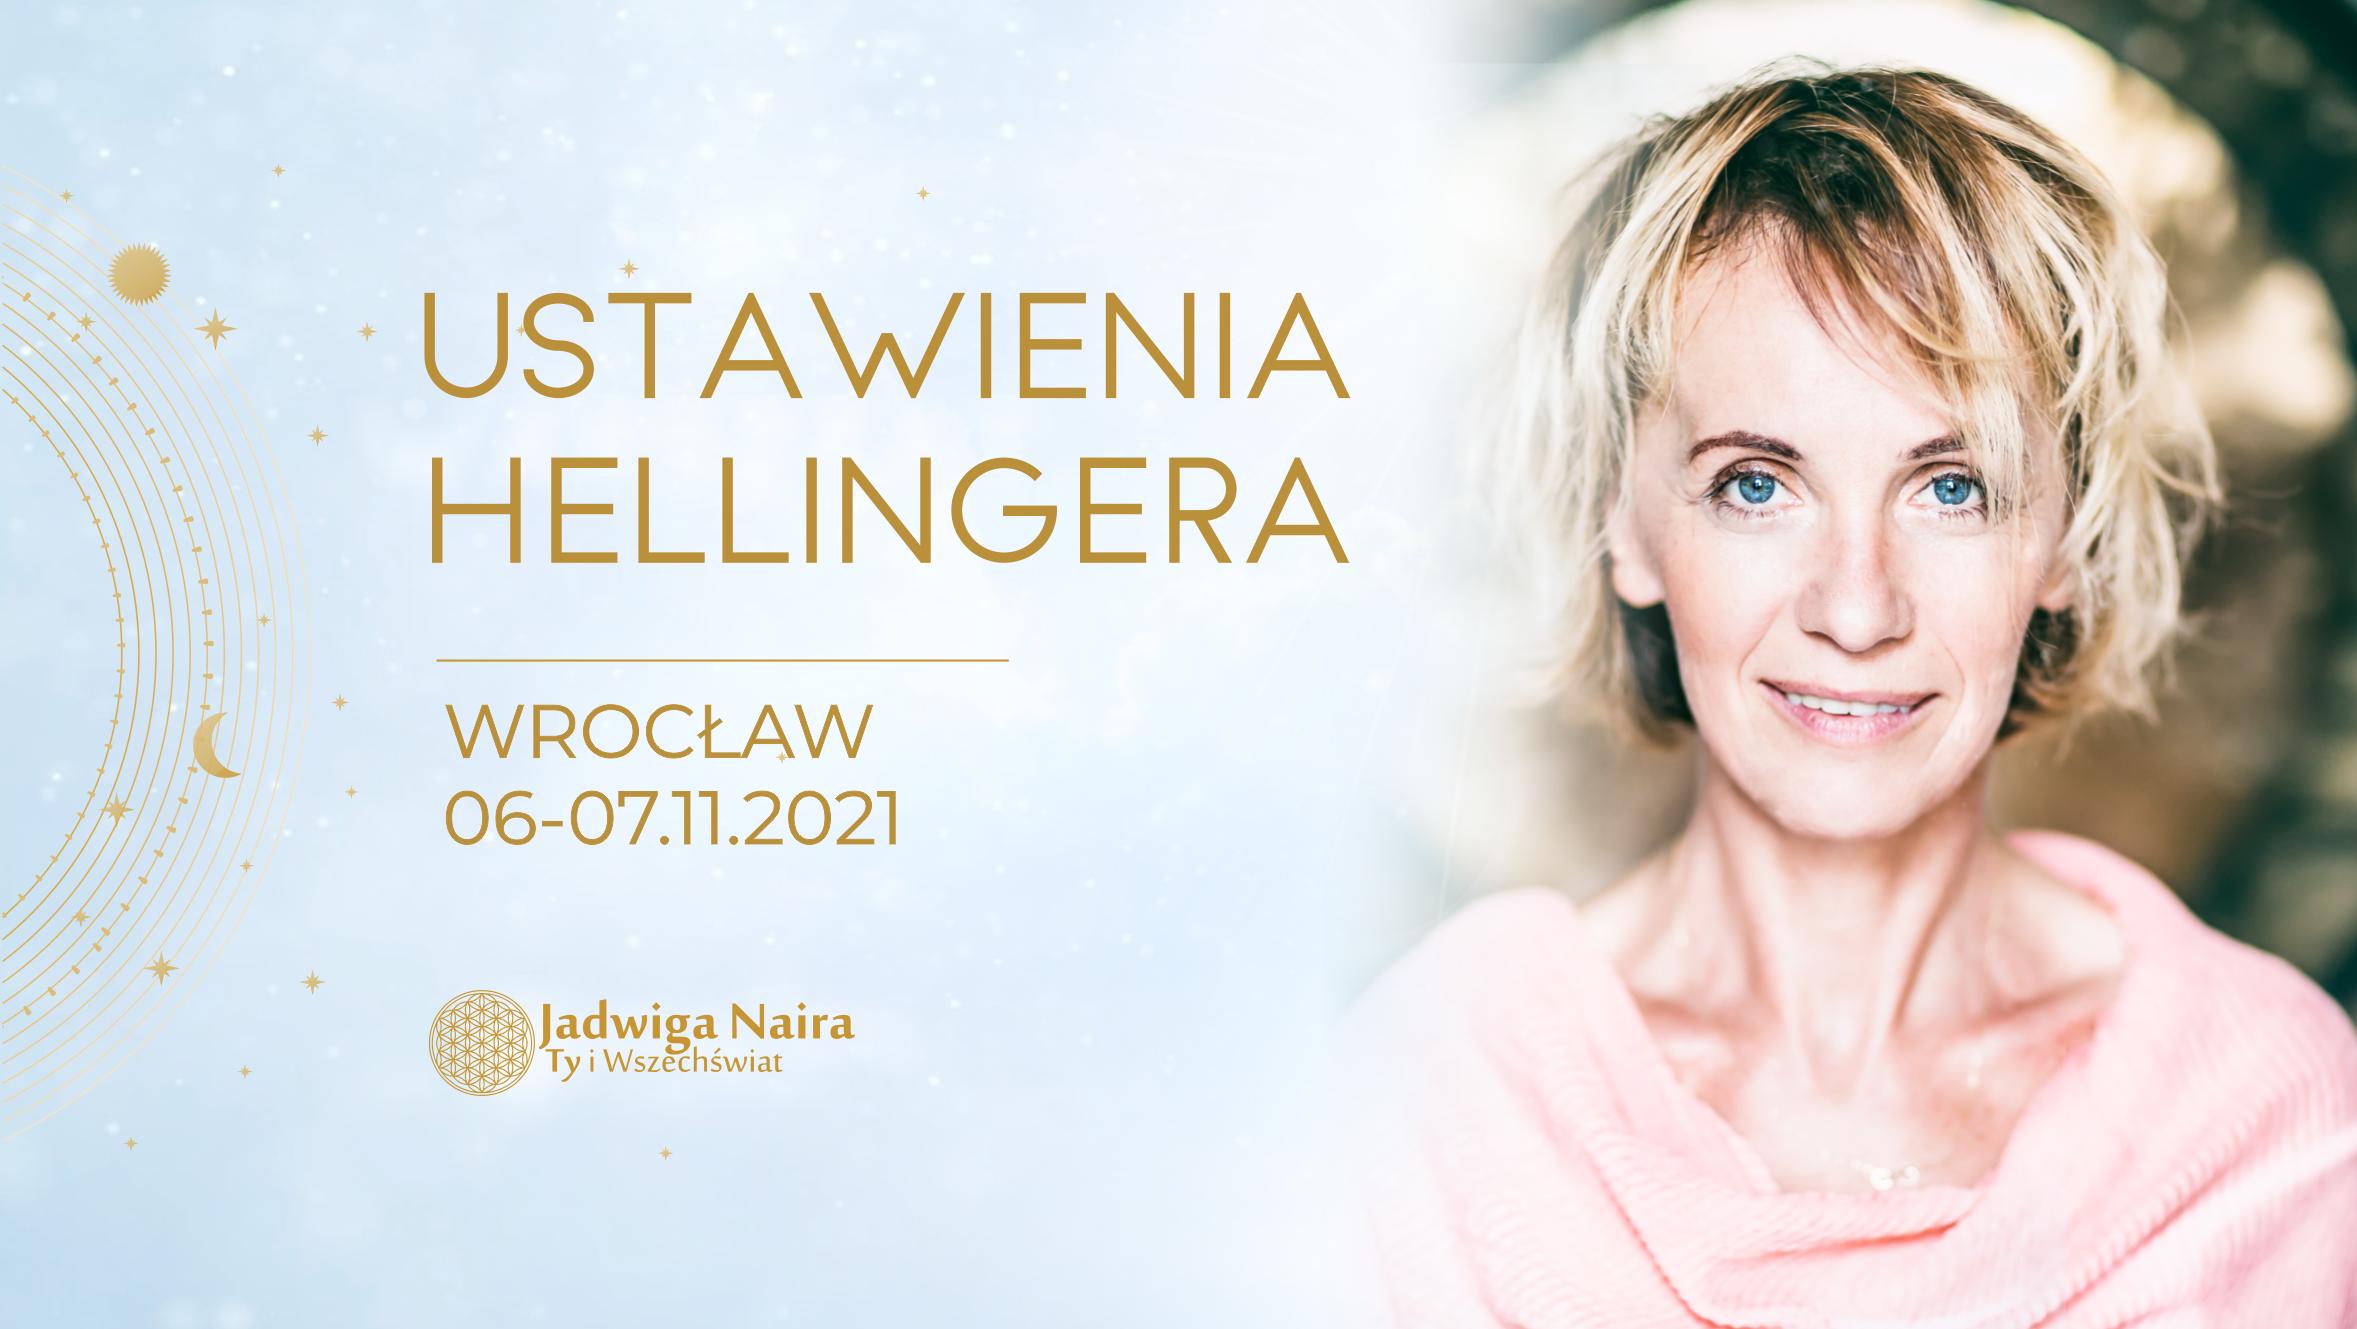 Ustawienia Hellingera / Wrocław